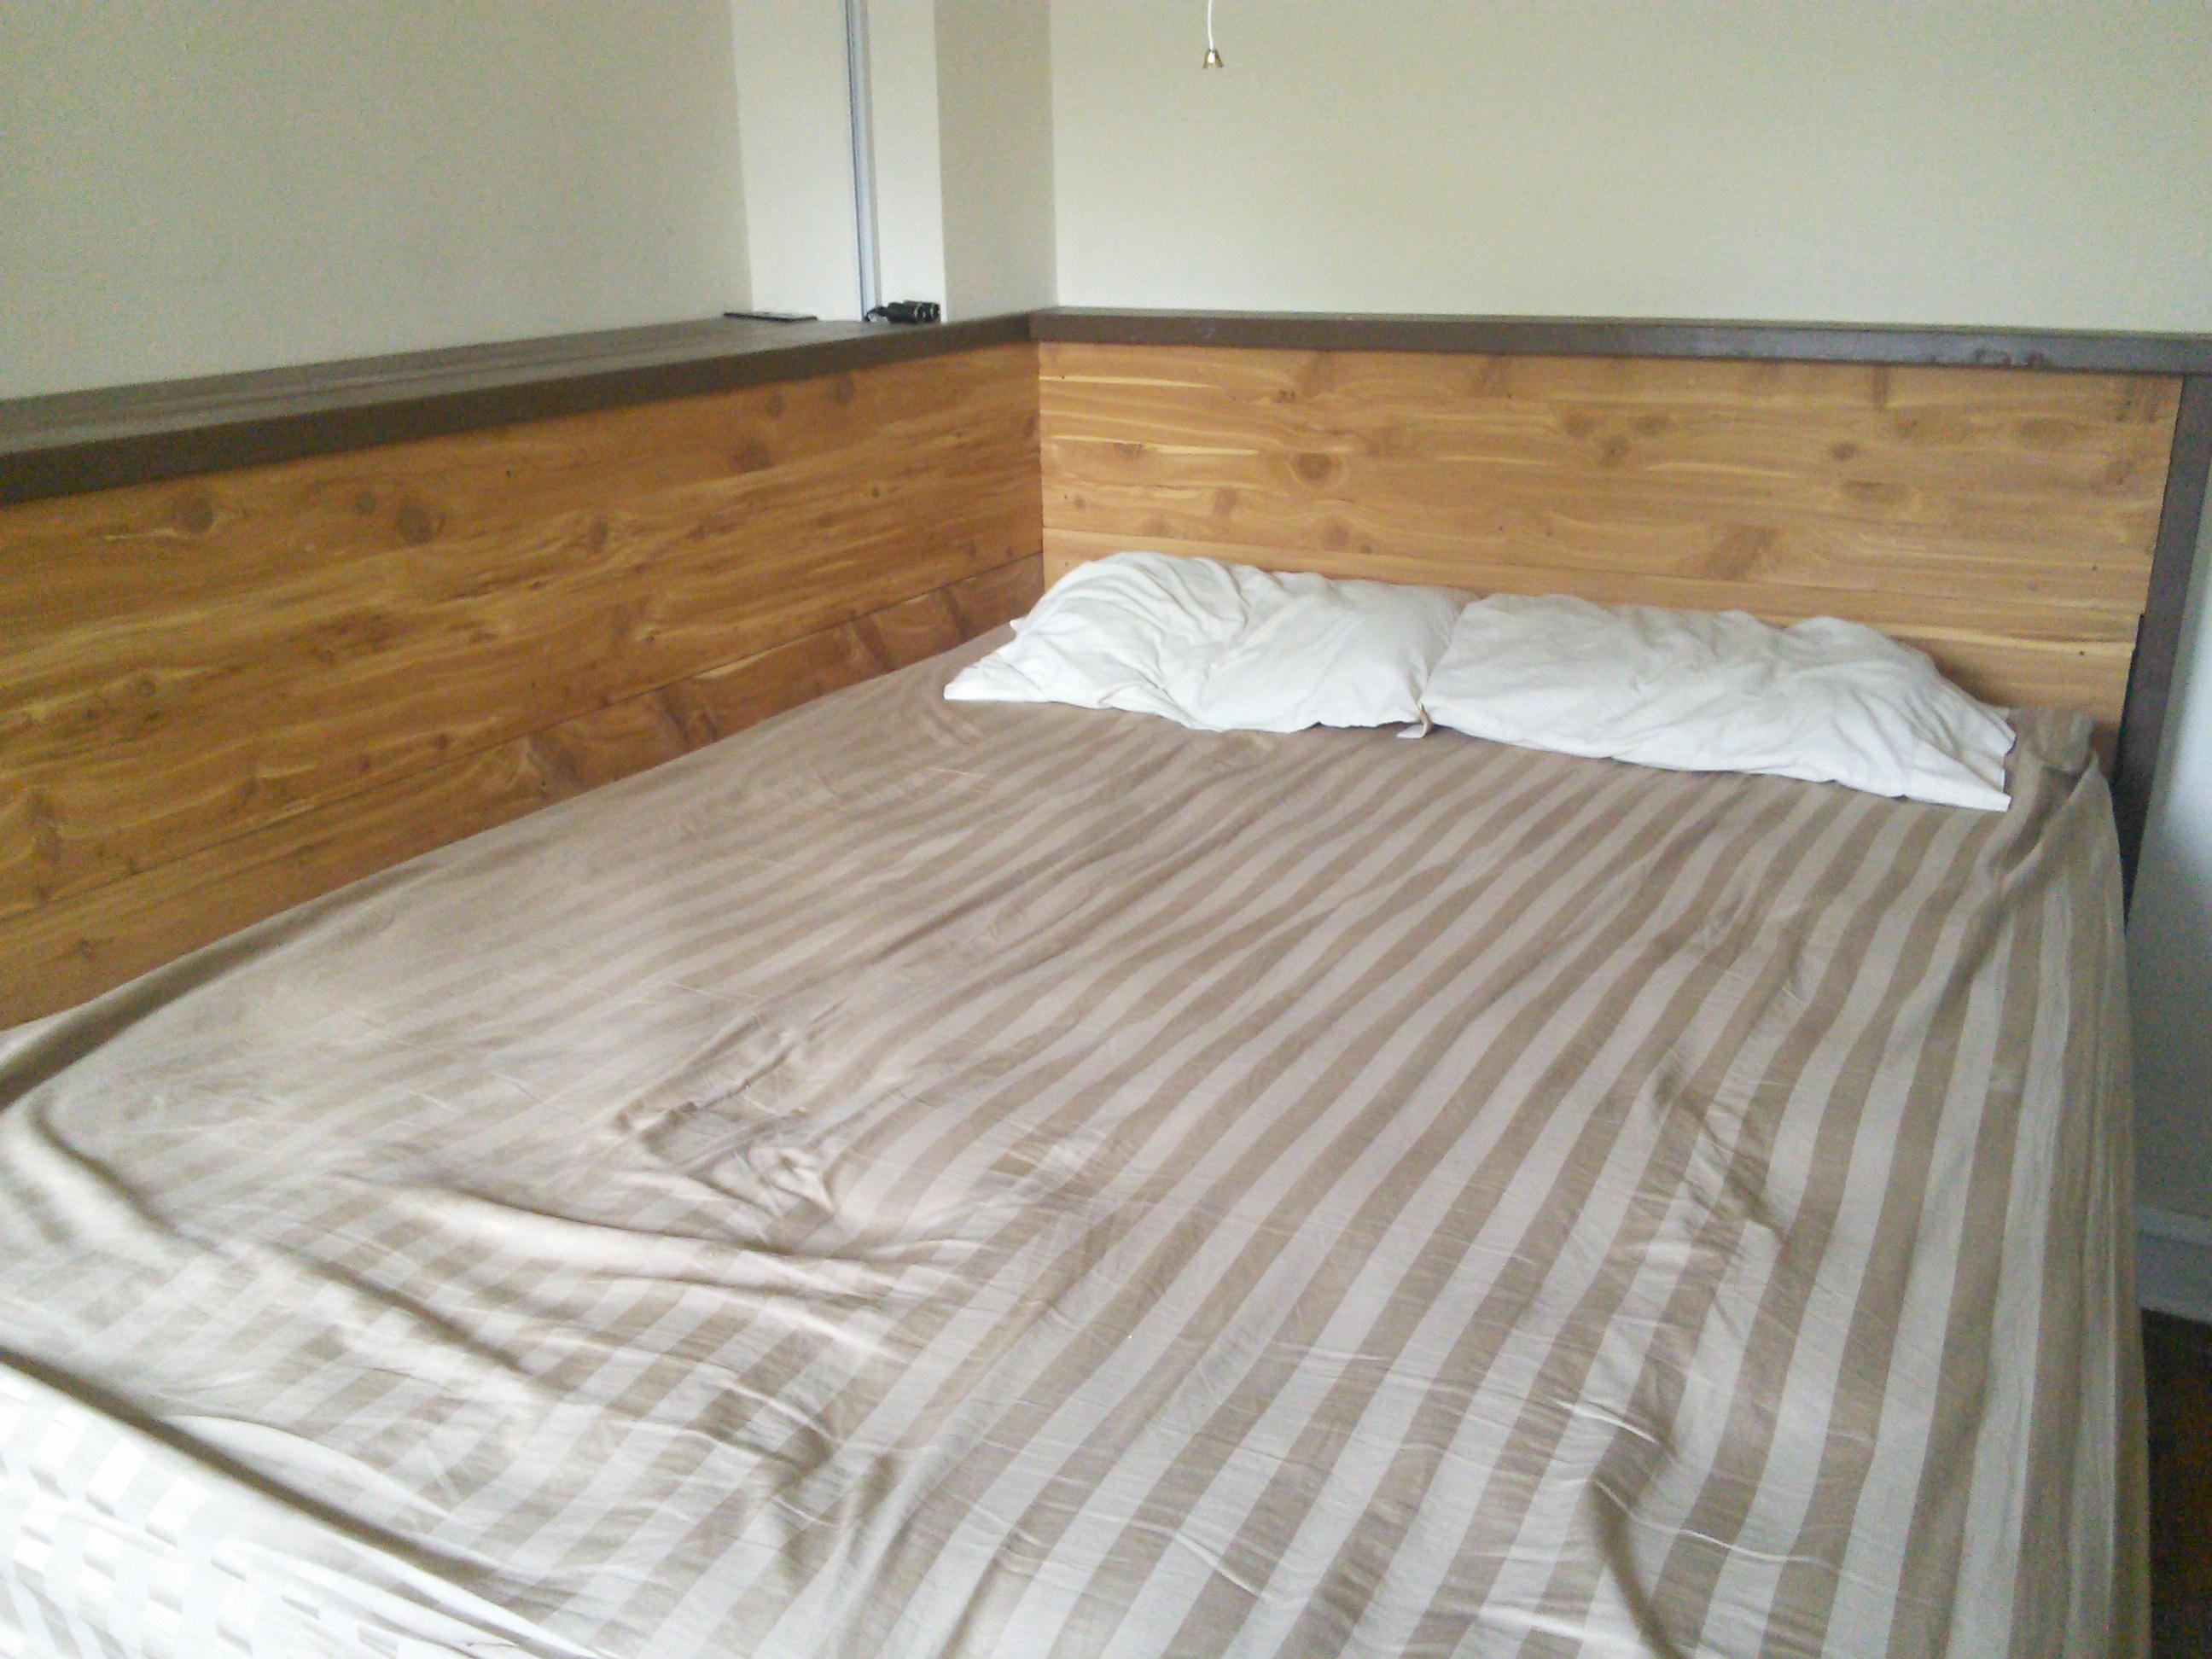 Picture of Cedar-Planked Platform Bed Frame